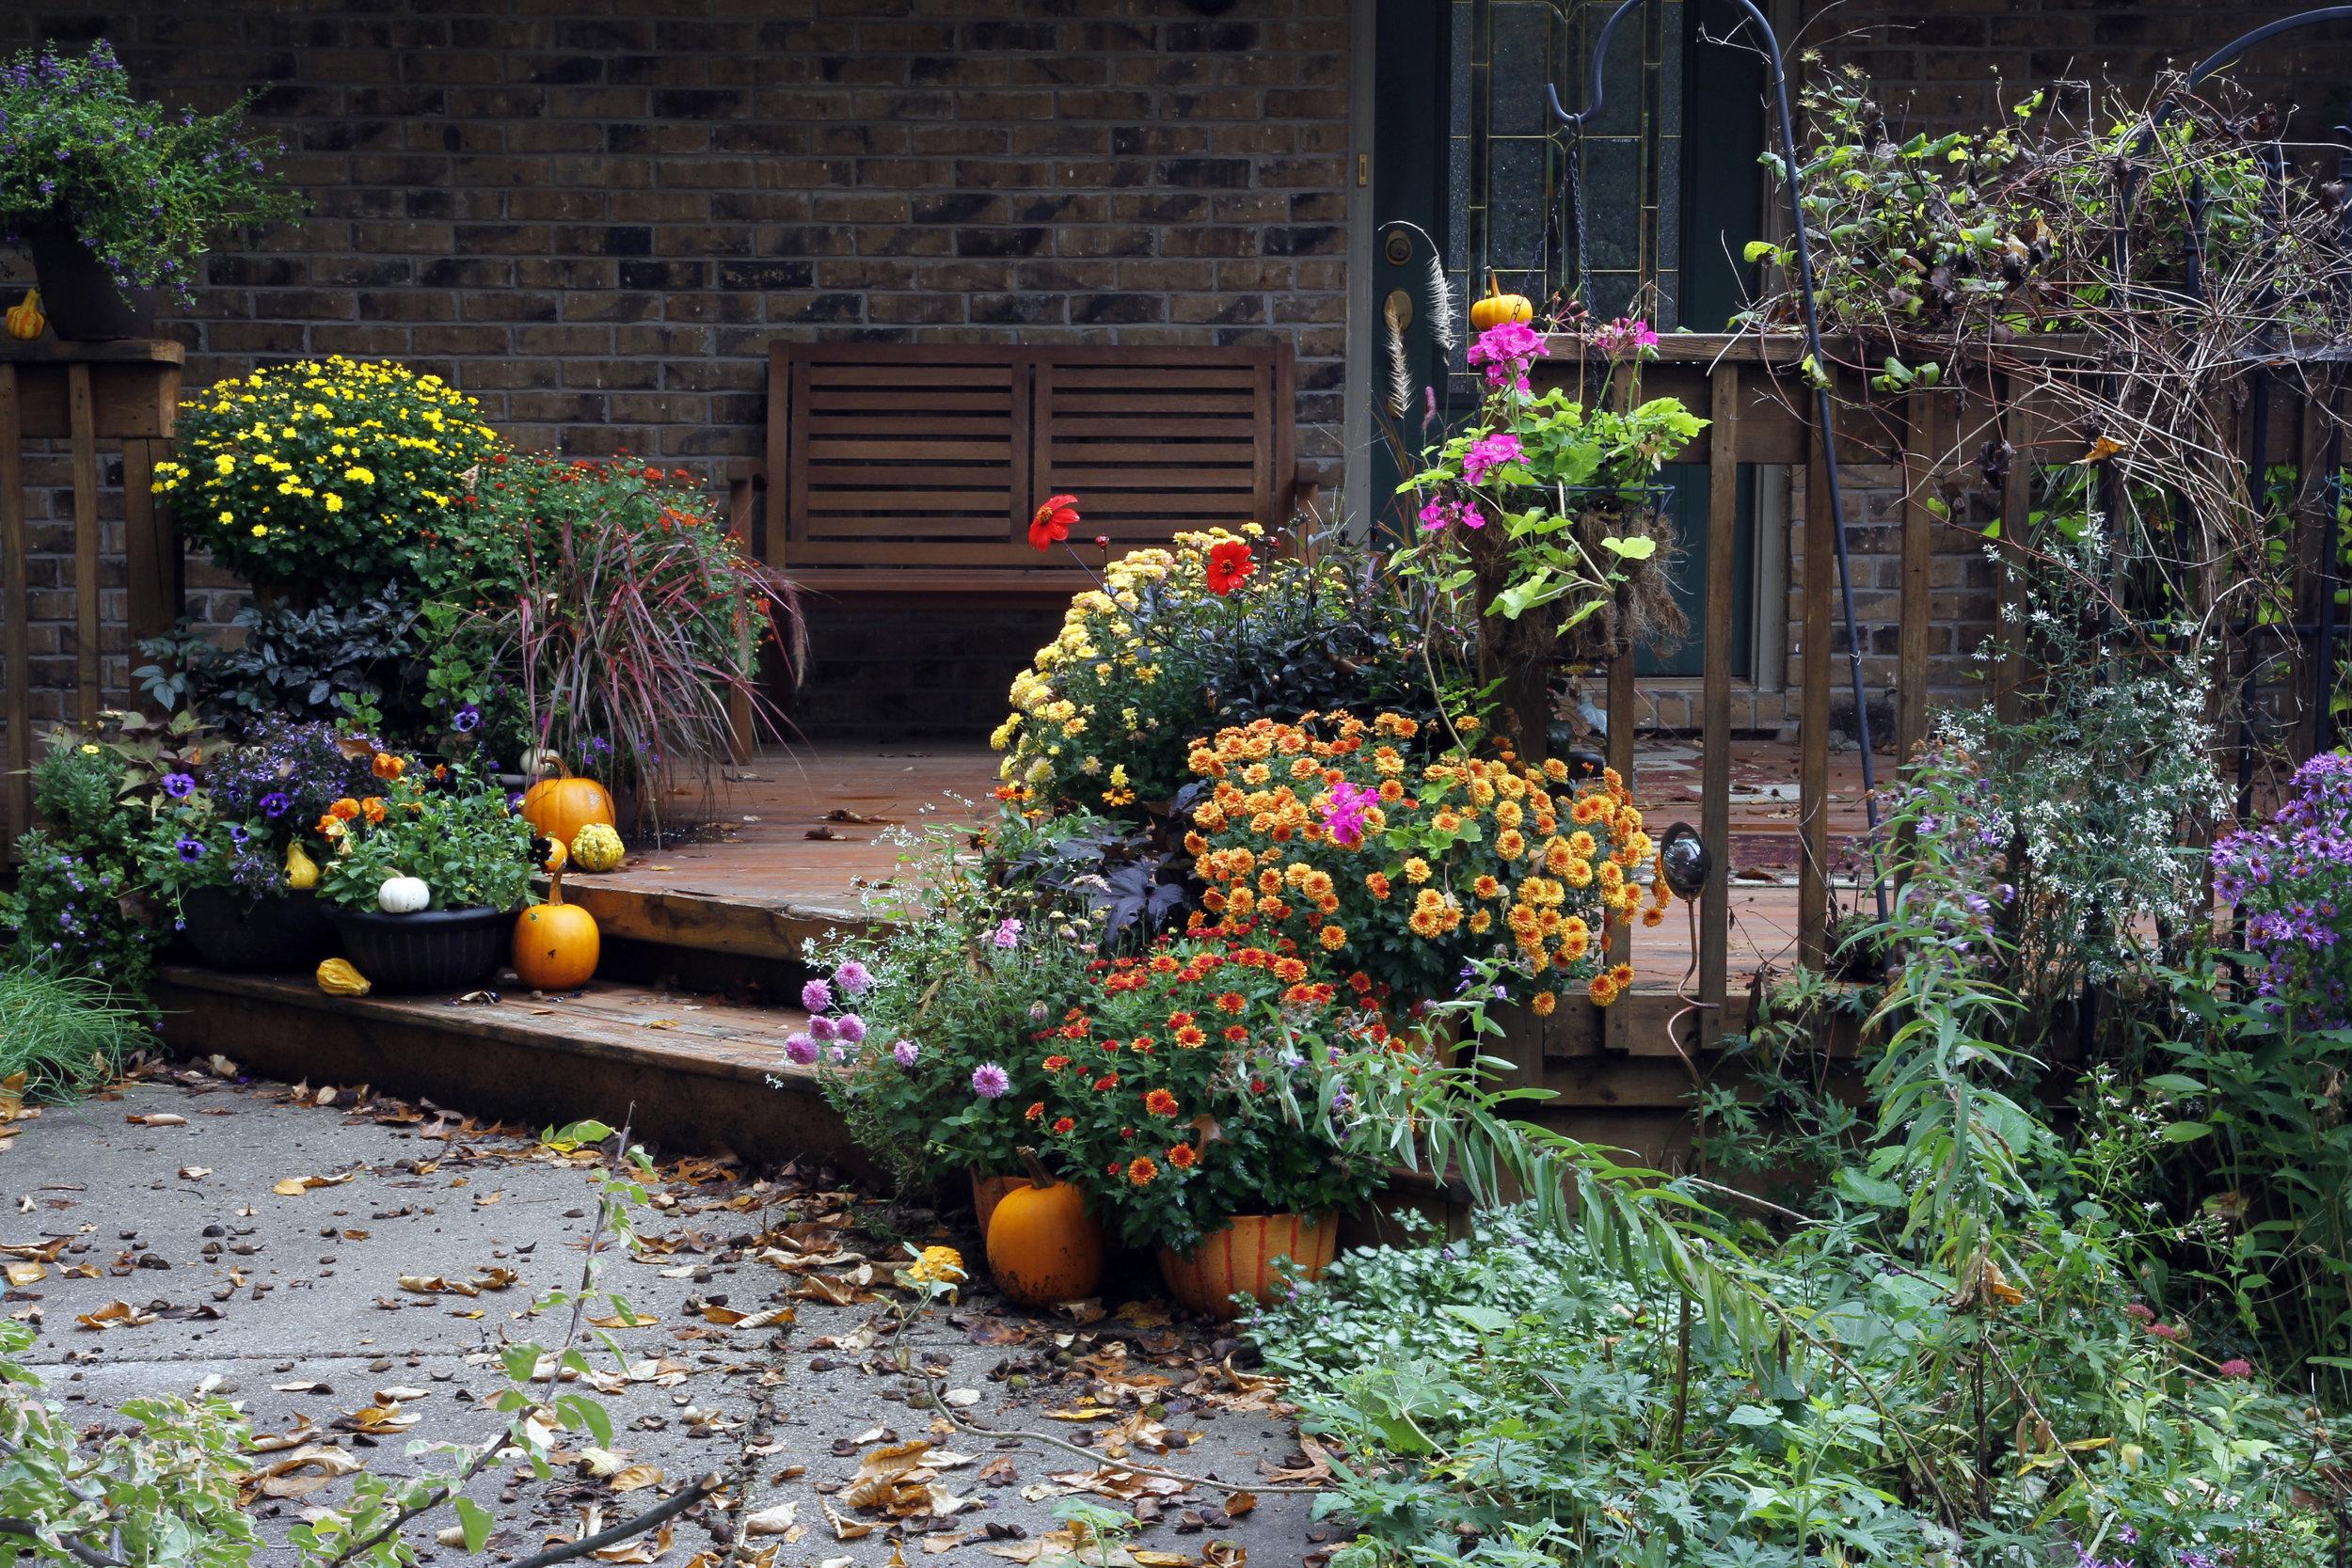 Garden-187440570_5184x3456.jpeg